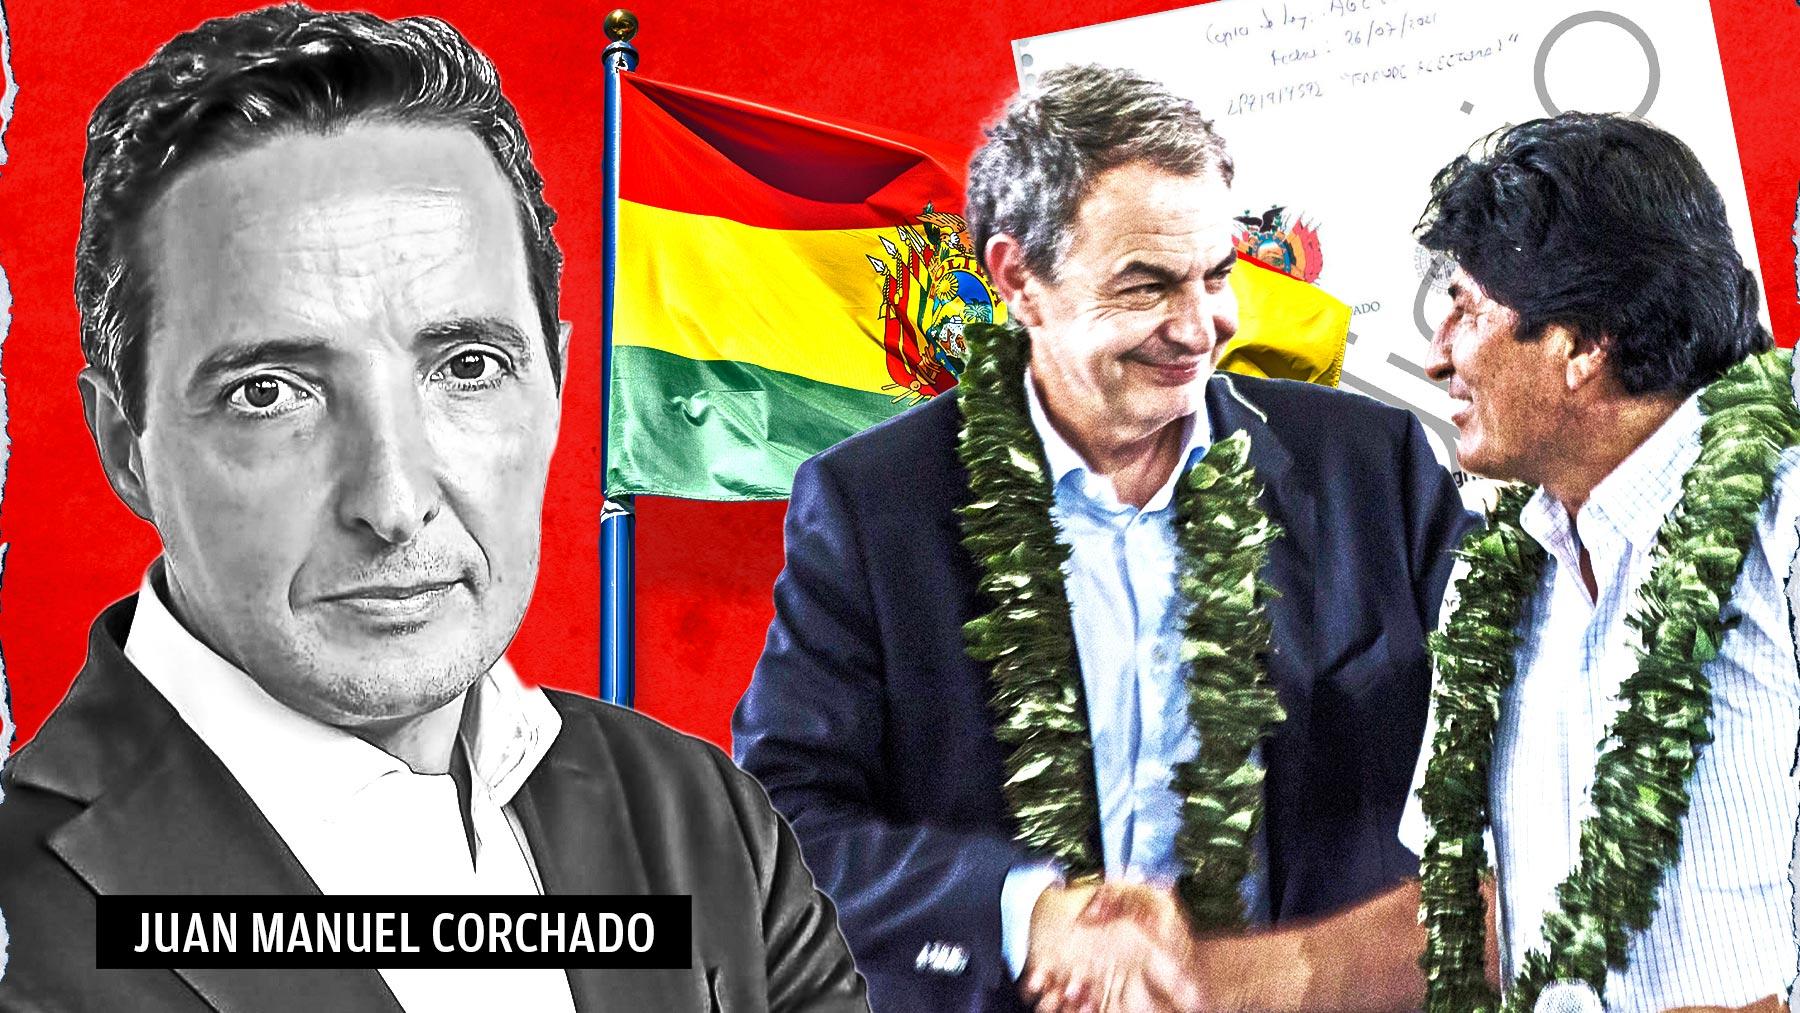 Juan Manuel Corchado, profesor de la Universidad de Salamanca,  junto con José Luis Rodríguez Zapatero y Evo Morales.